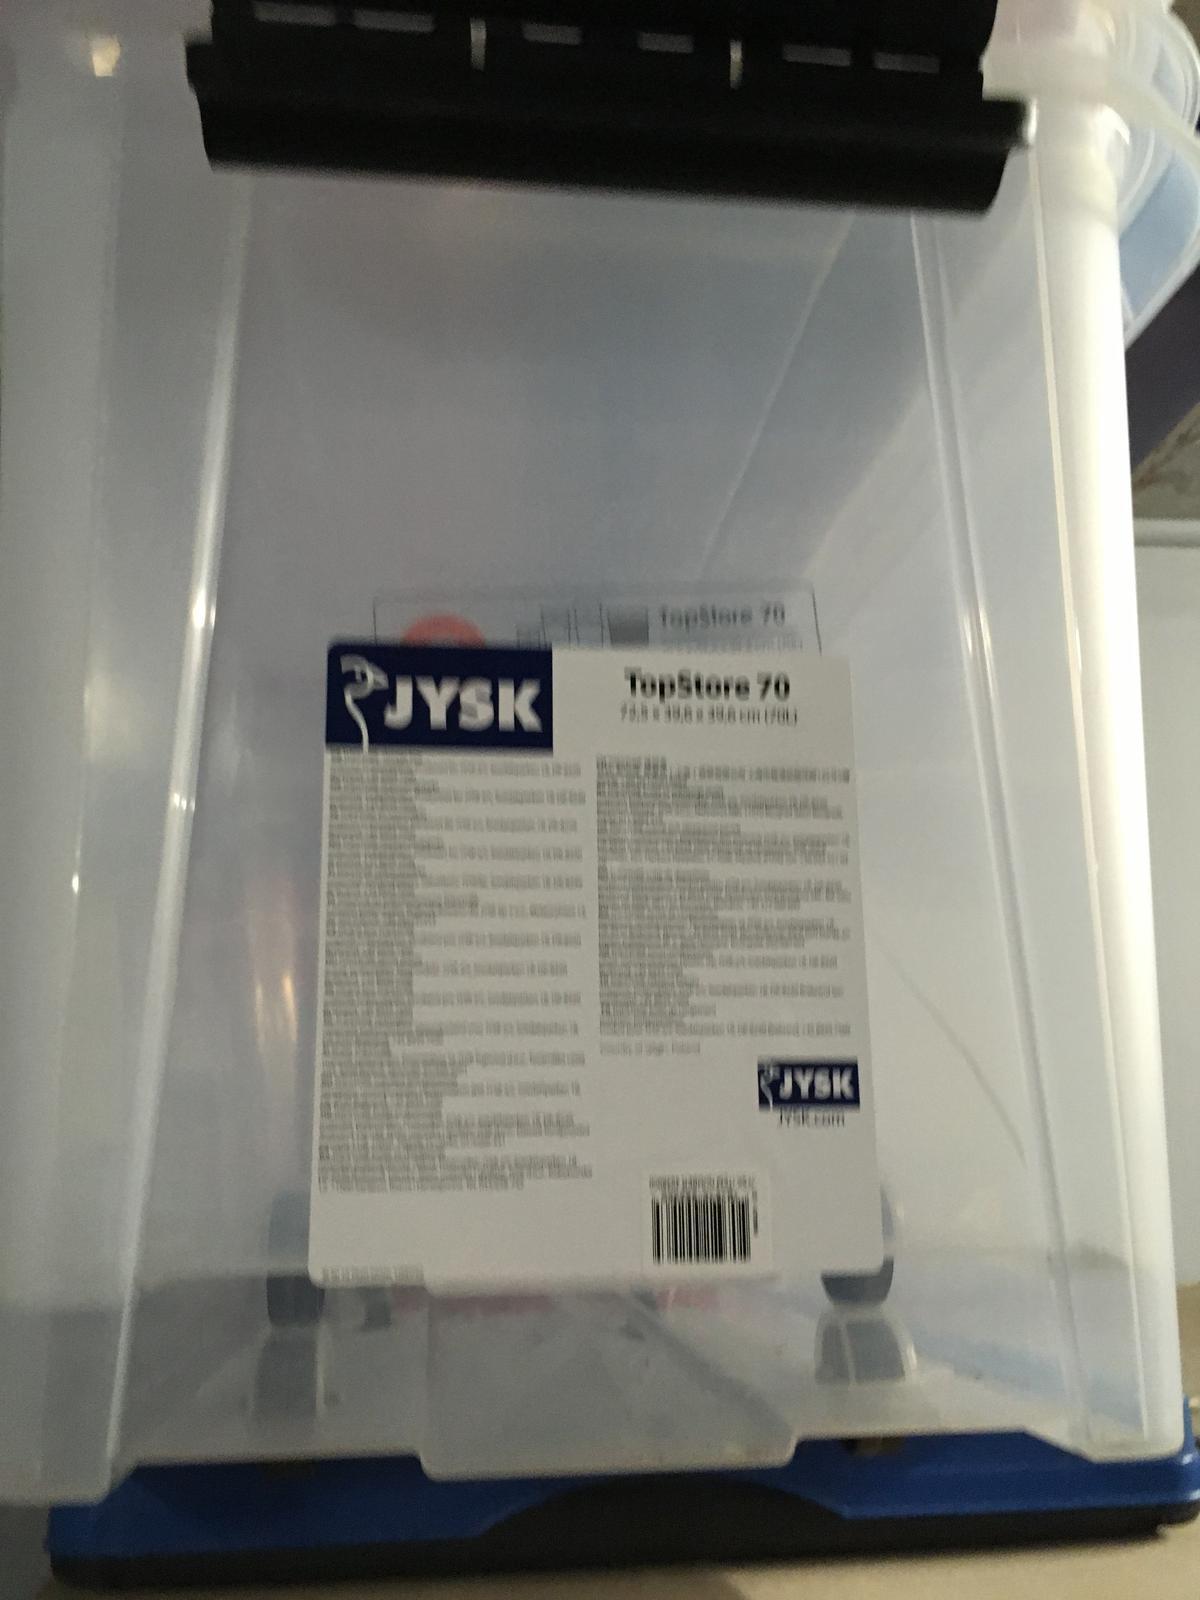 Jysk TopStore 70 - odkladacia krabica s kolieckami - Obrázok č. 1